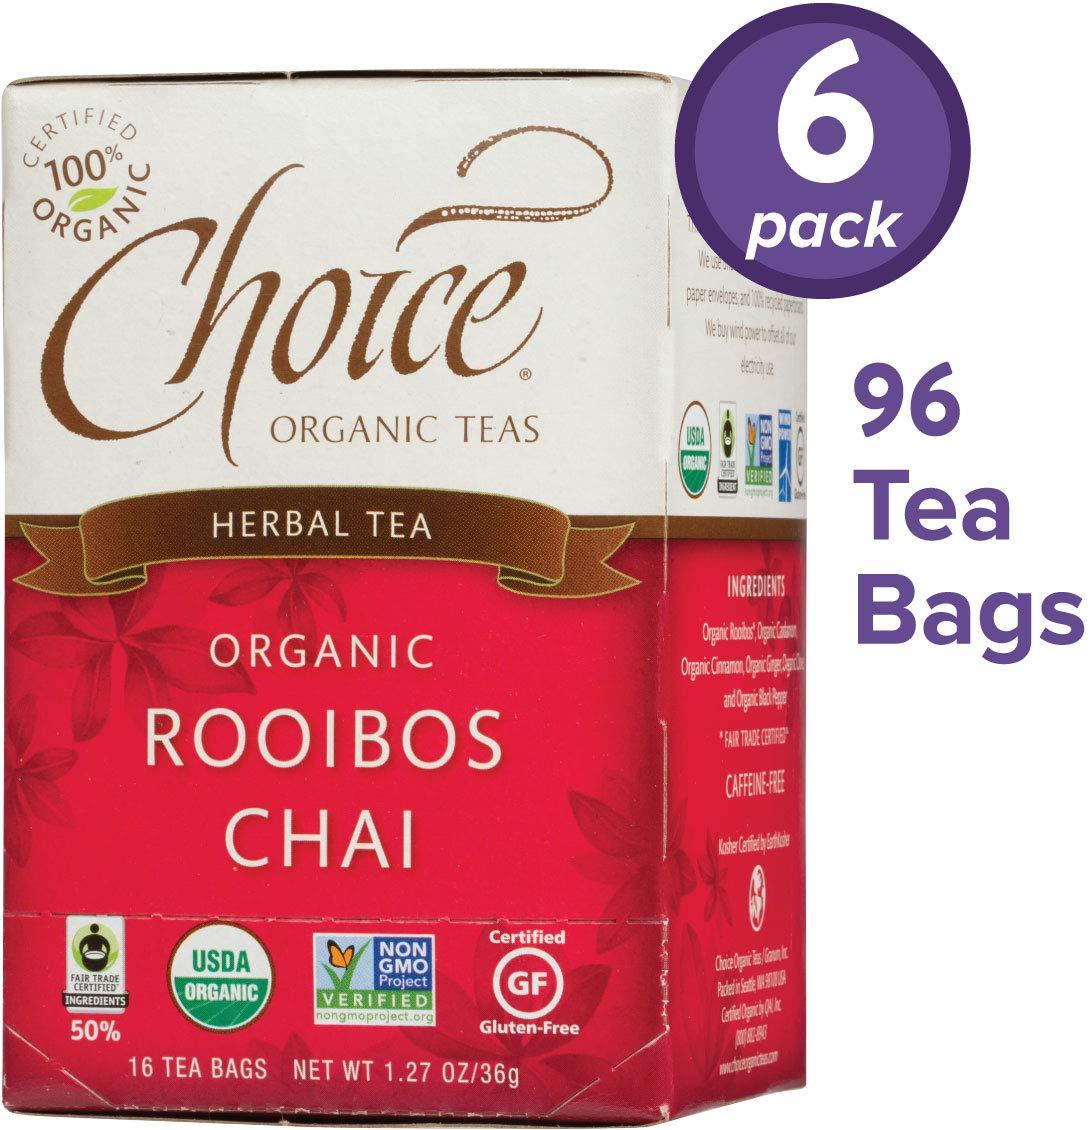 Choice Organic Teas Herbal Tea, 6 Boxes of 16 (96 Tea Bags), Rooibos Chai, Caffeine Free